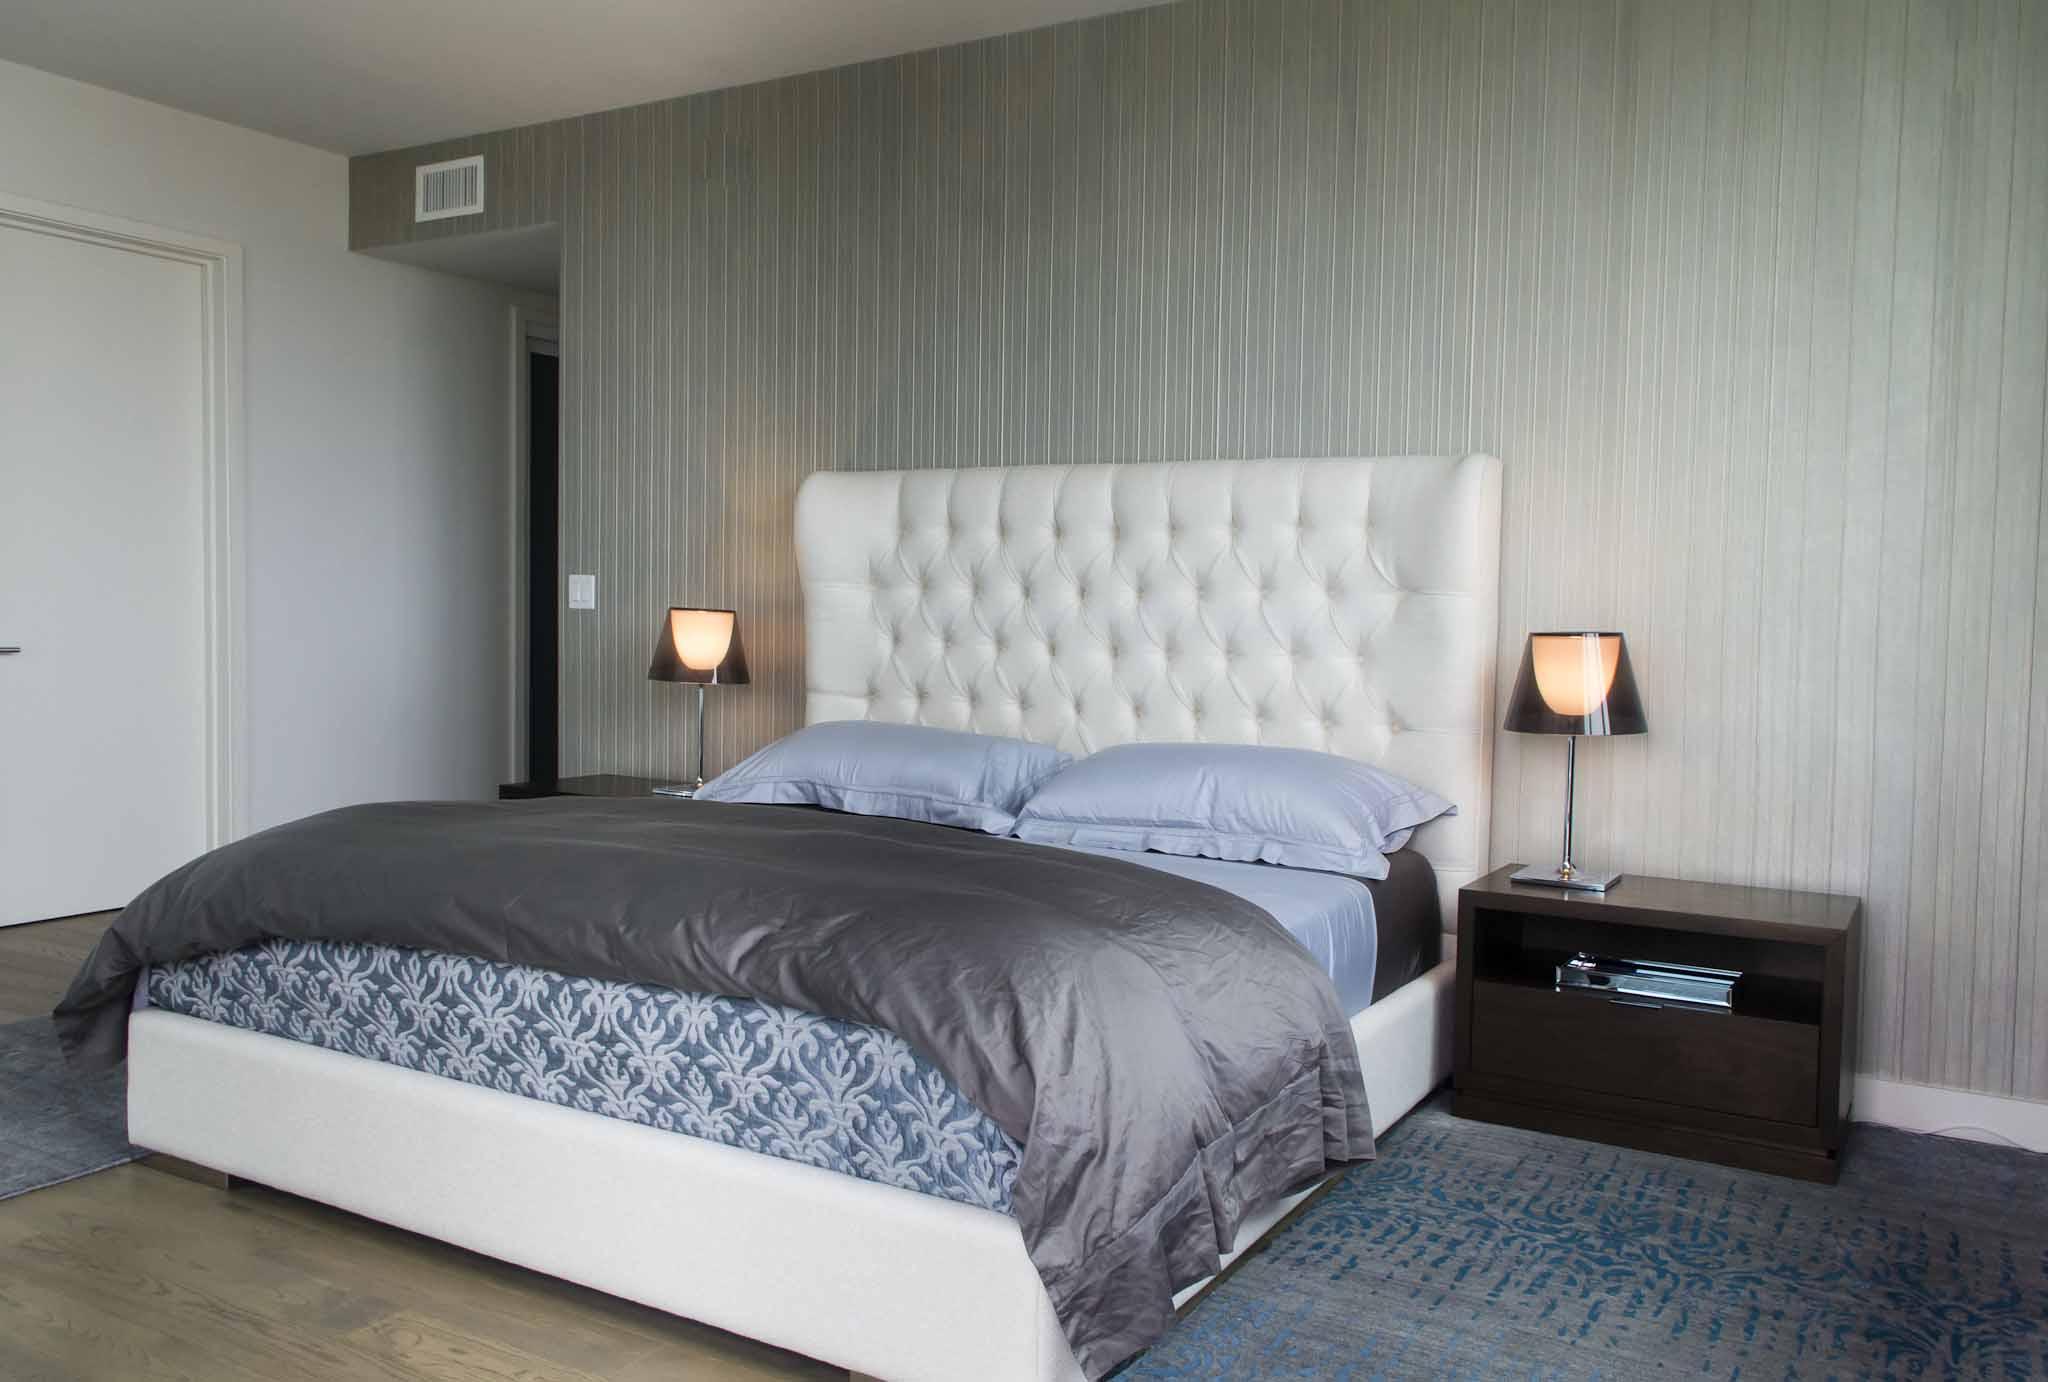 Master Bedroom01web.JPG